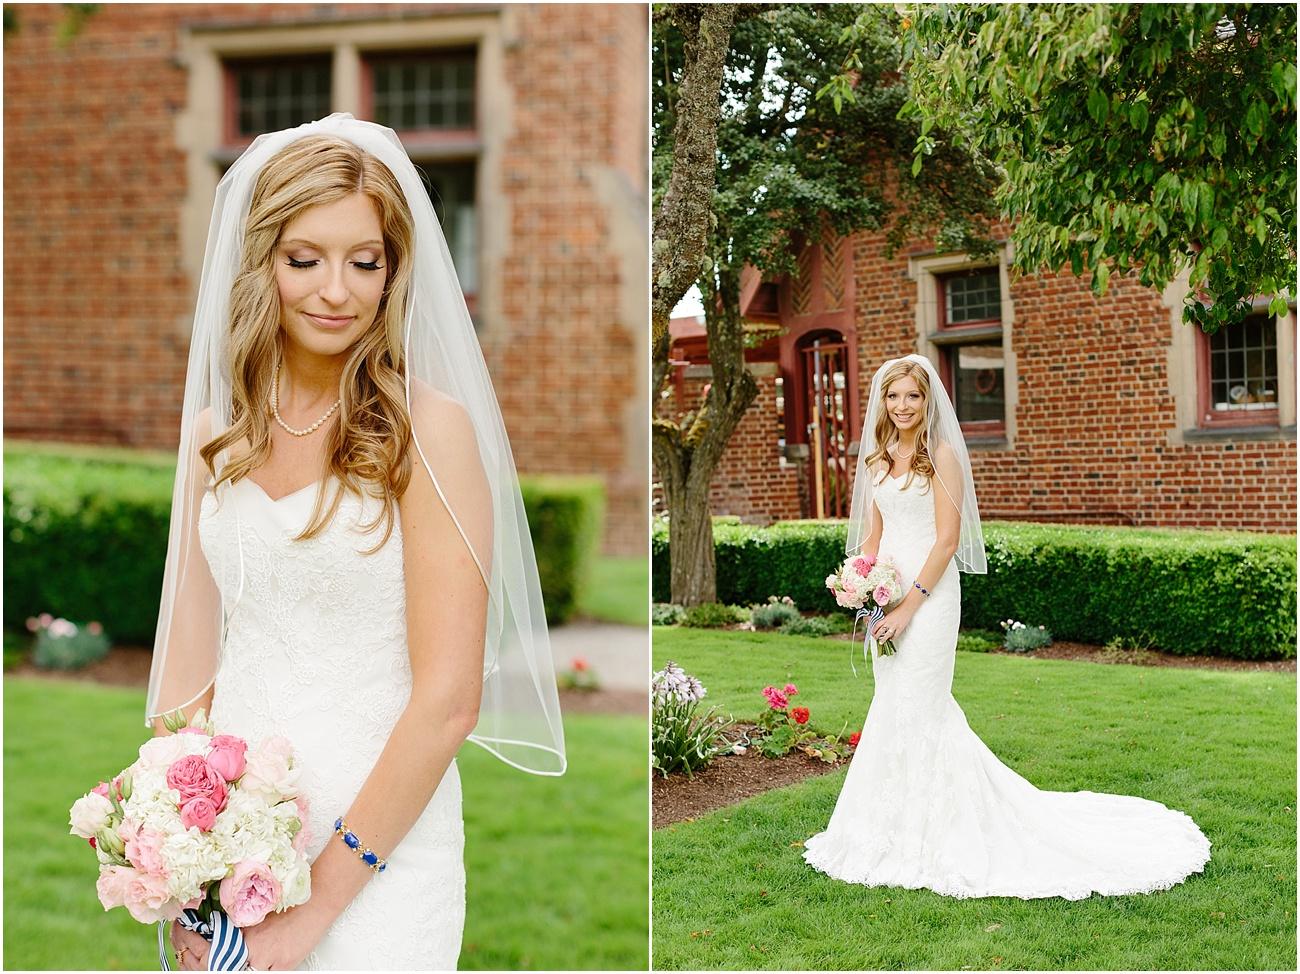 Thomas_WeyerhaeuserEstate_Tacom_Washington_Wedding_0092